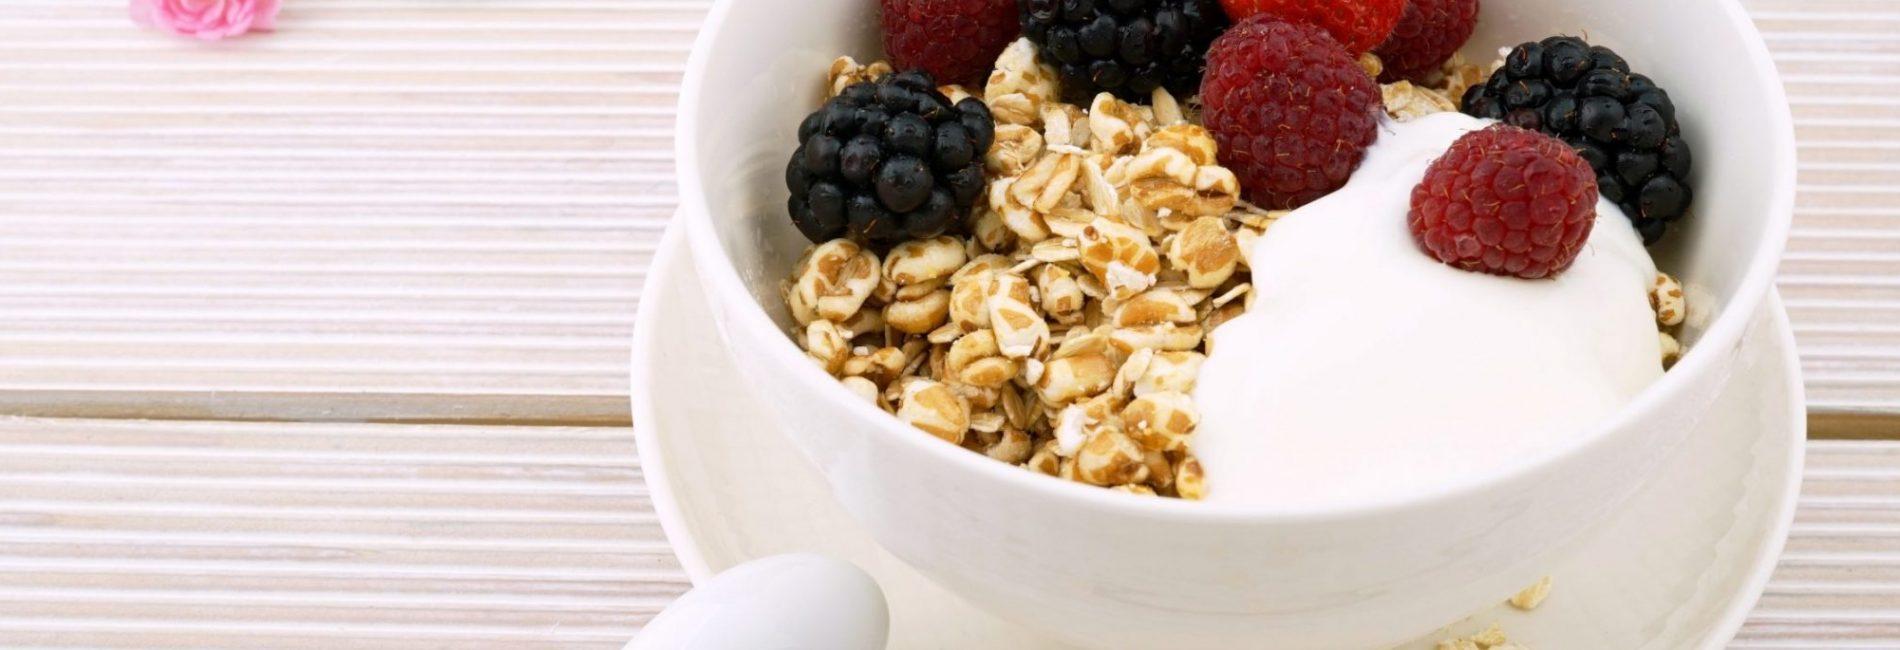 L'importance du petit-déjeuner par Maxime Mignotte